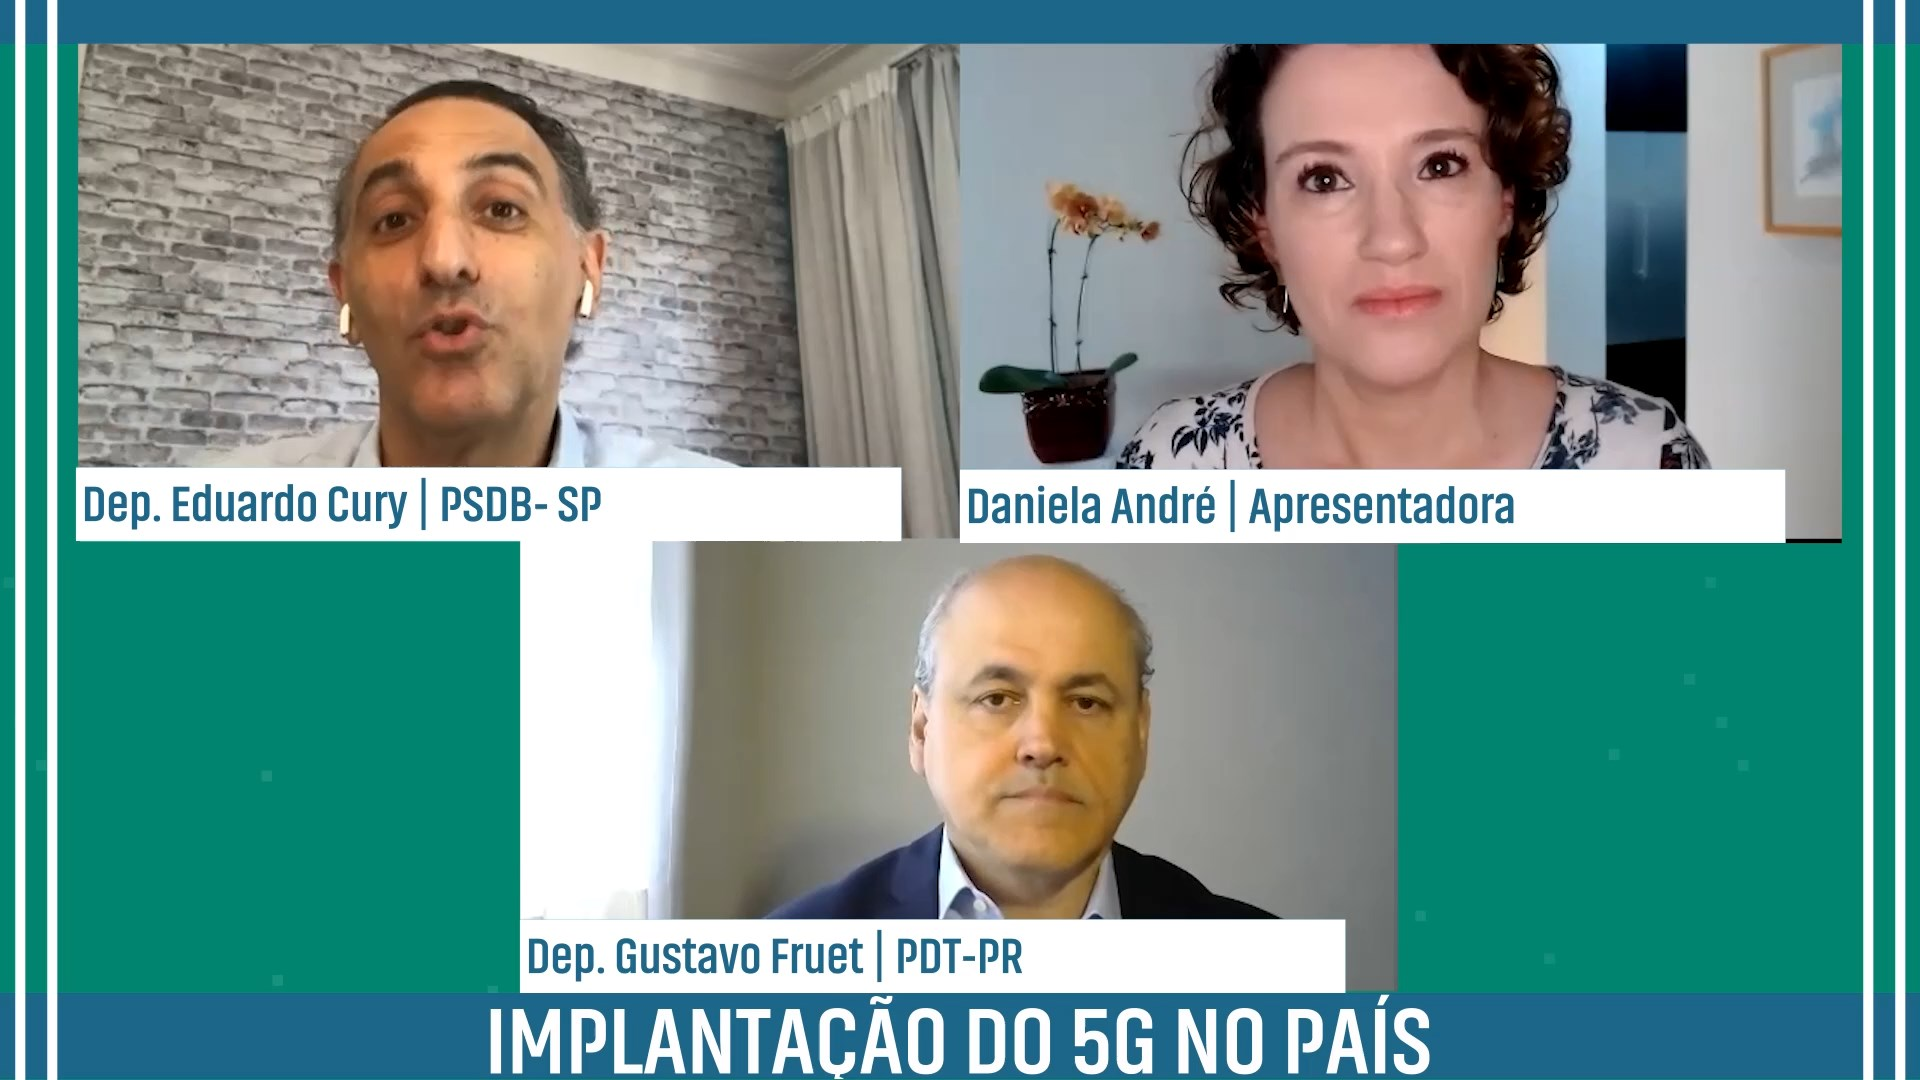 Implantação do 5G no país